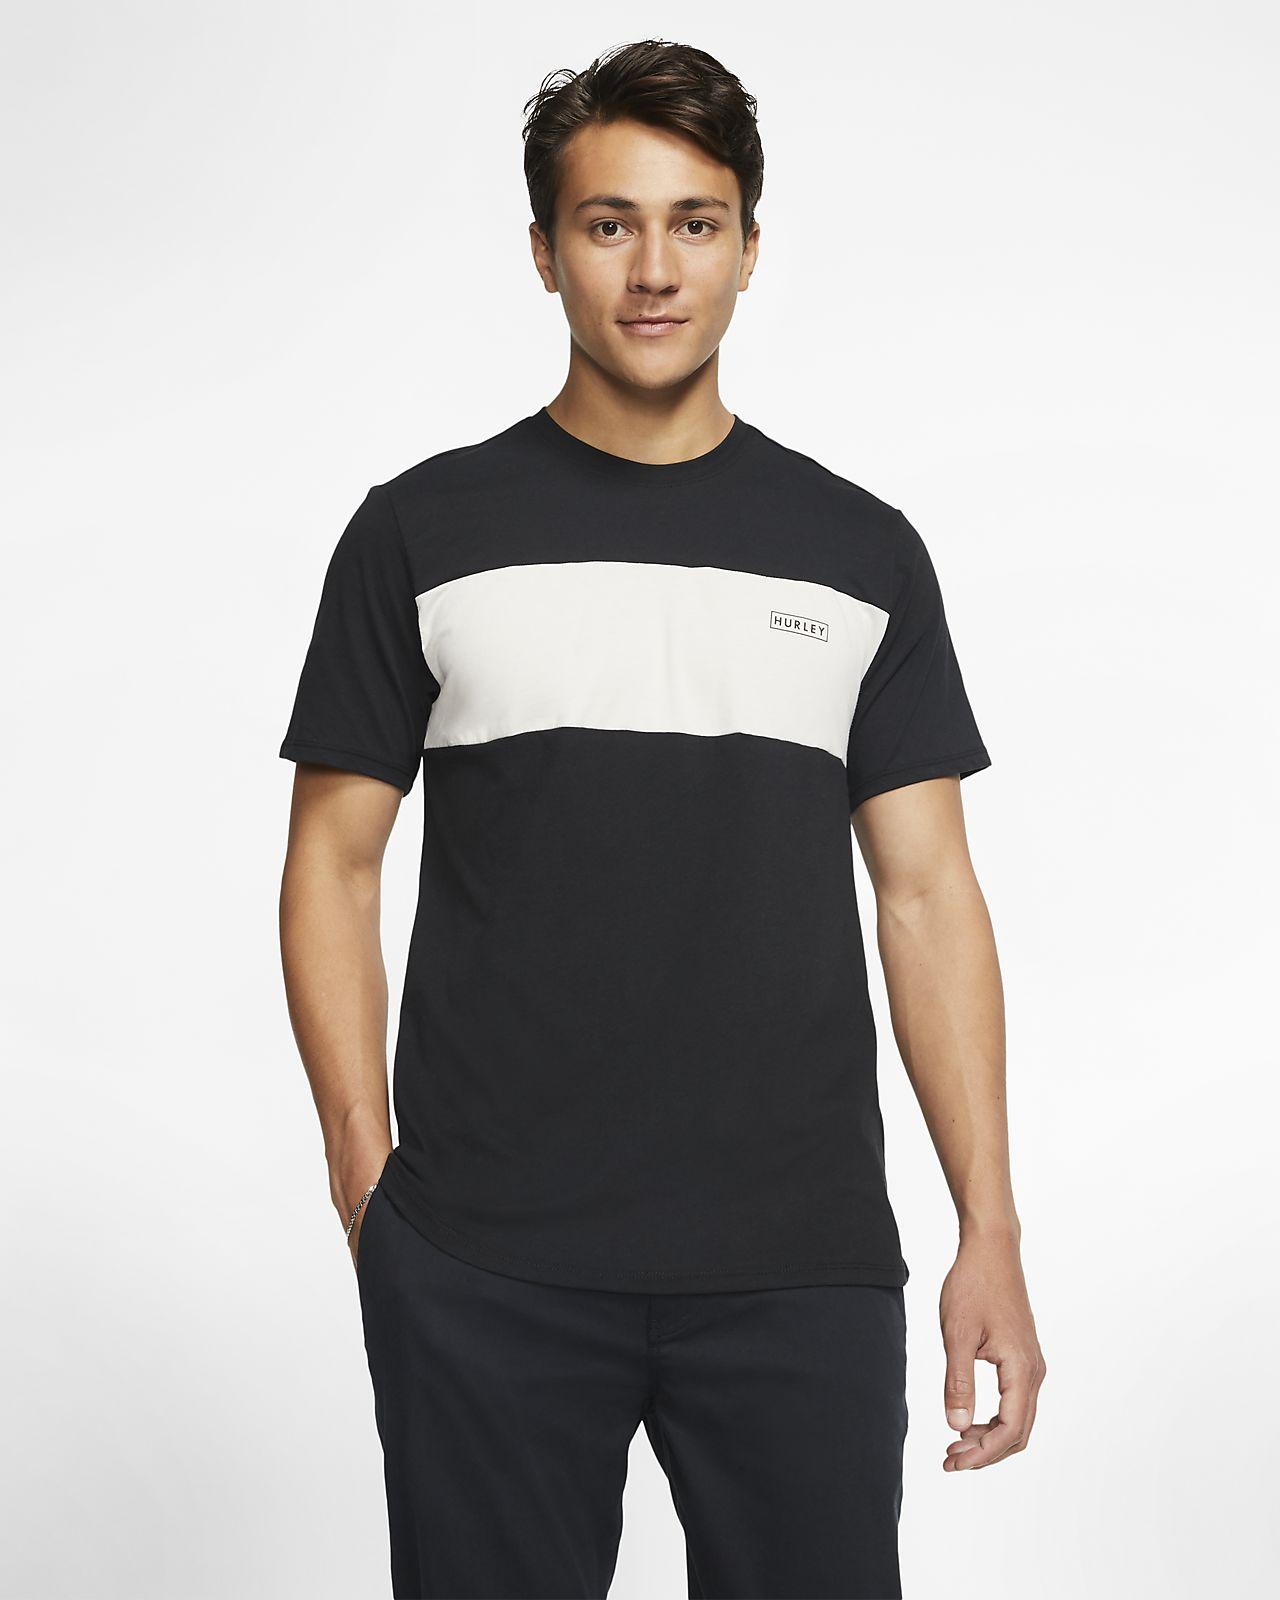 Kortärmad tröja Hurley Dri-FIT Blocked för män